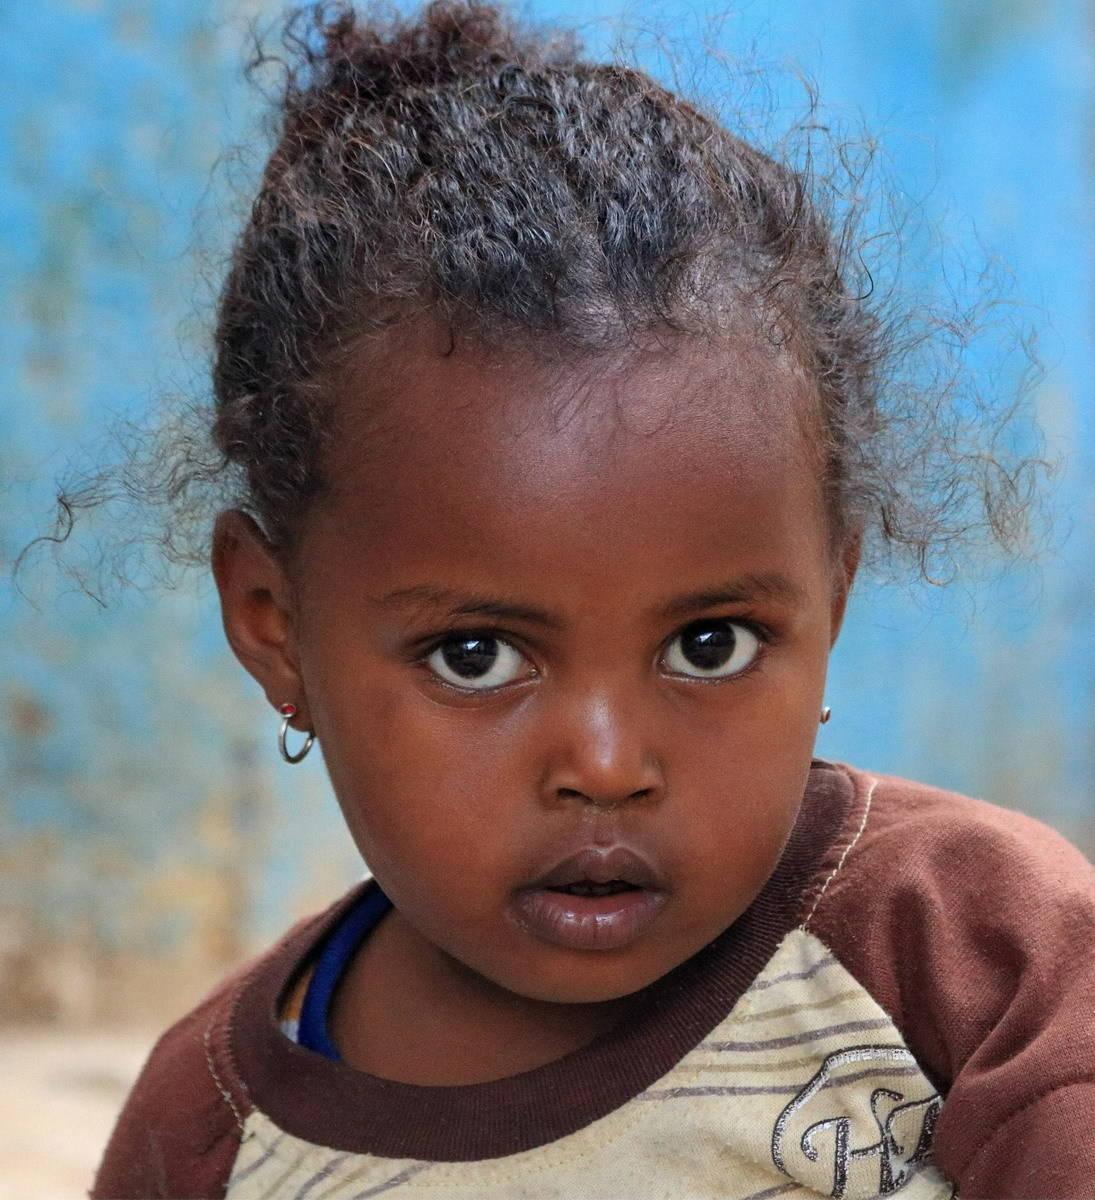 Девочка по имени Сумейя из города Харэр (Эфиопия).